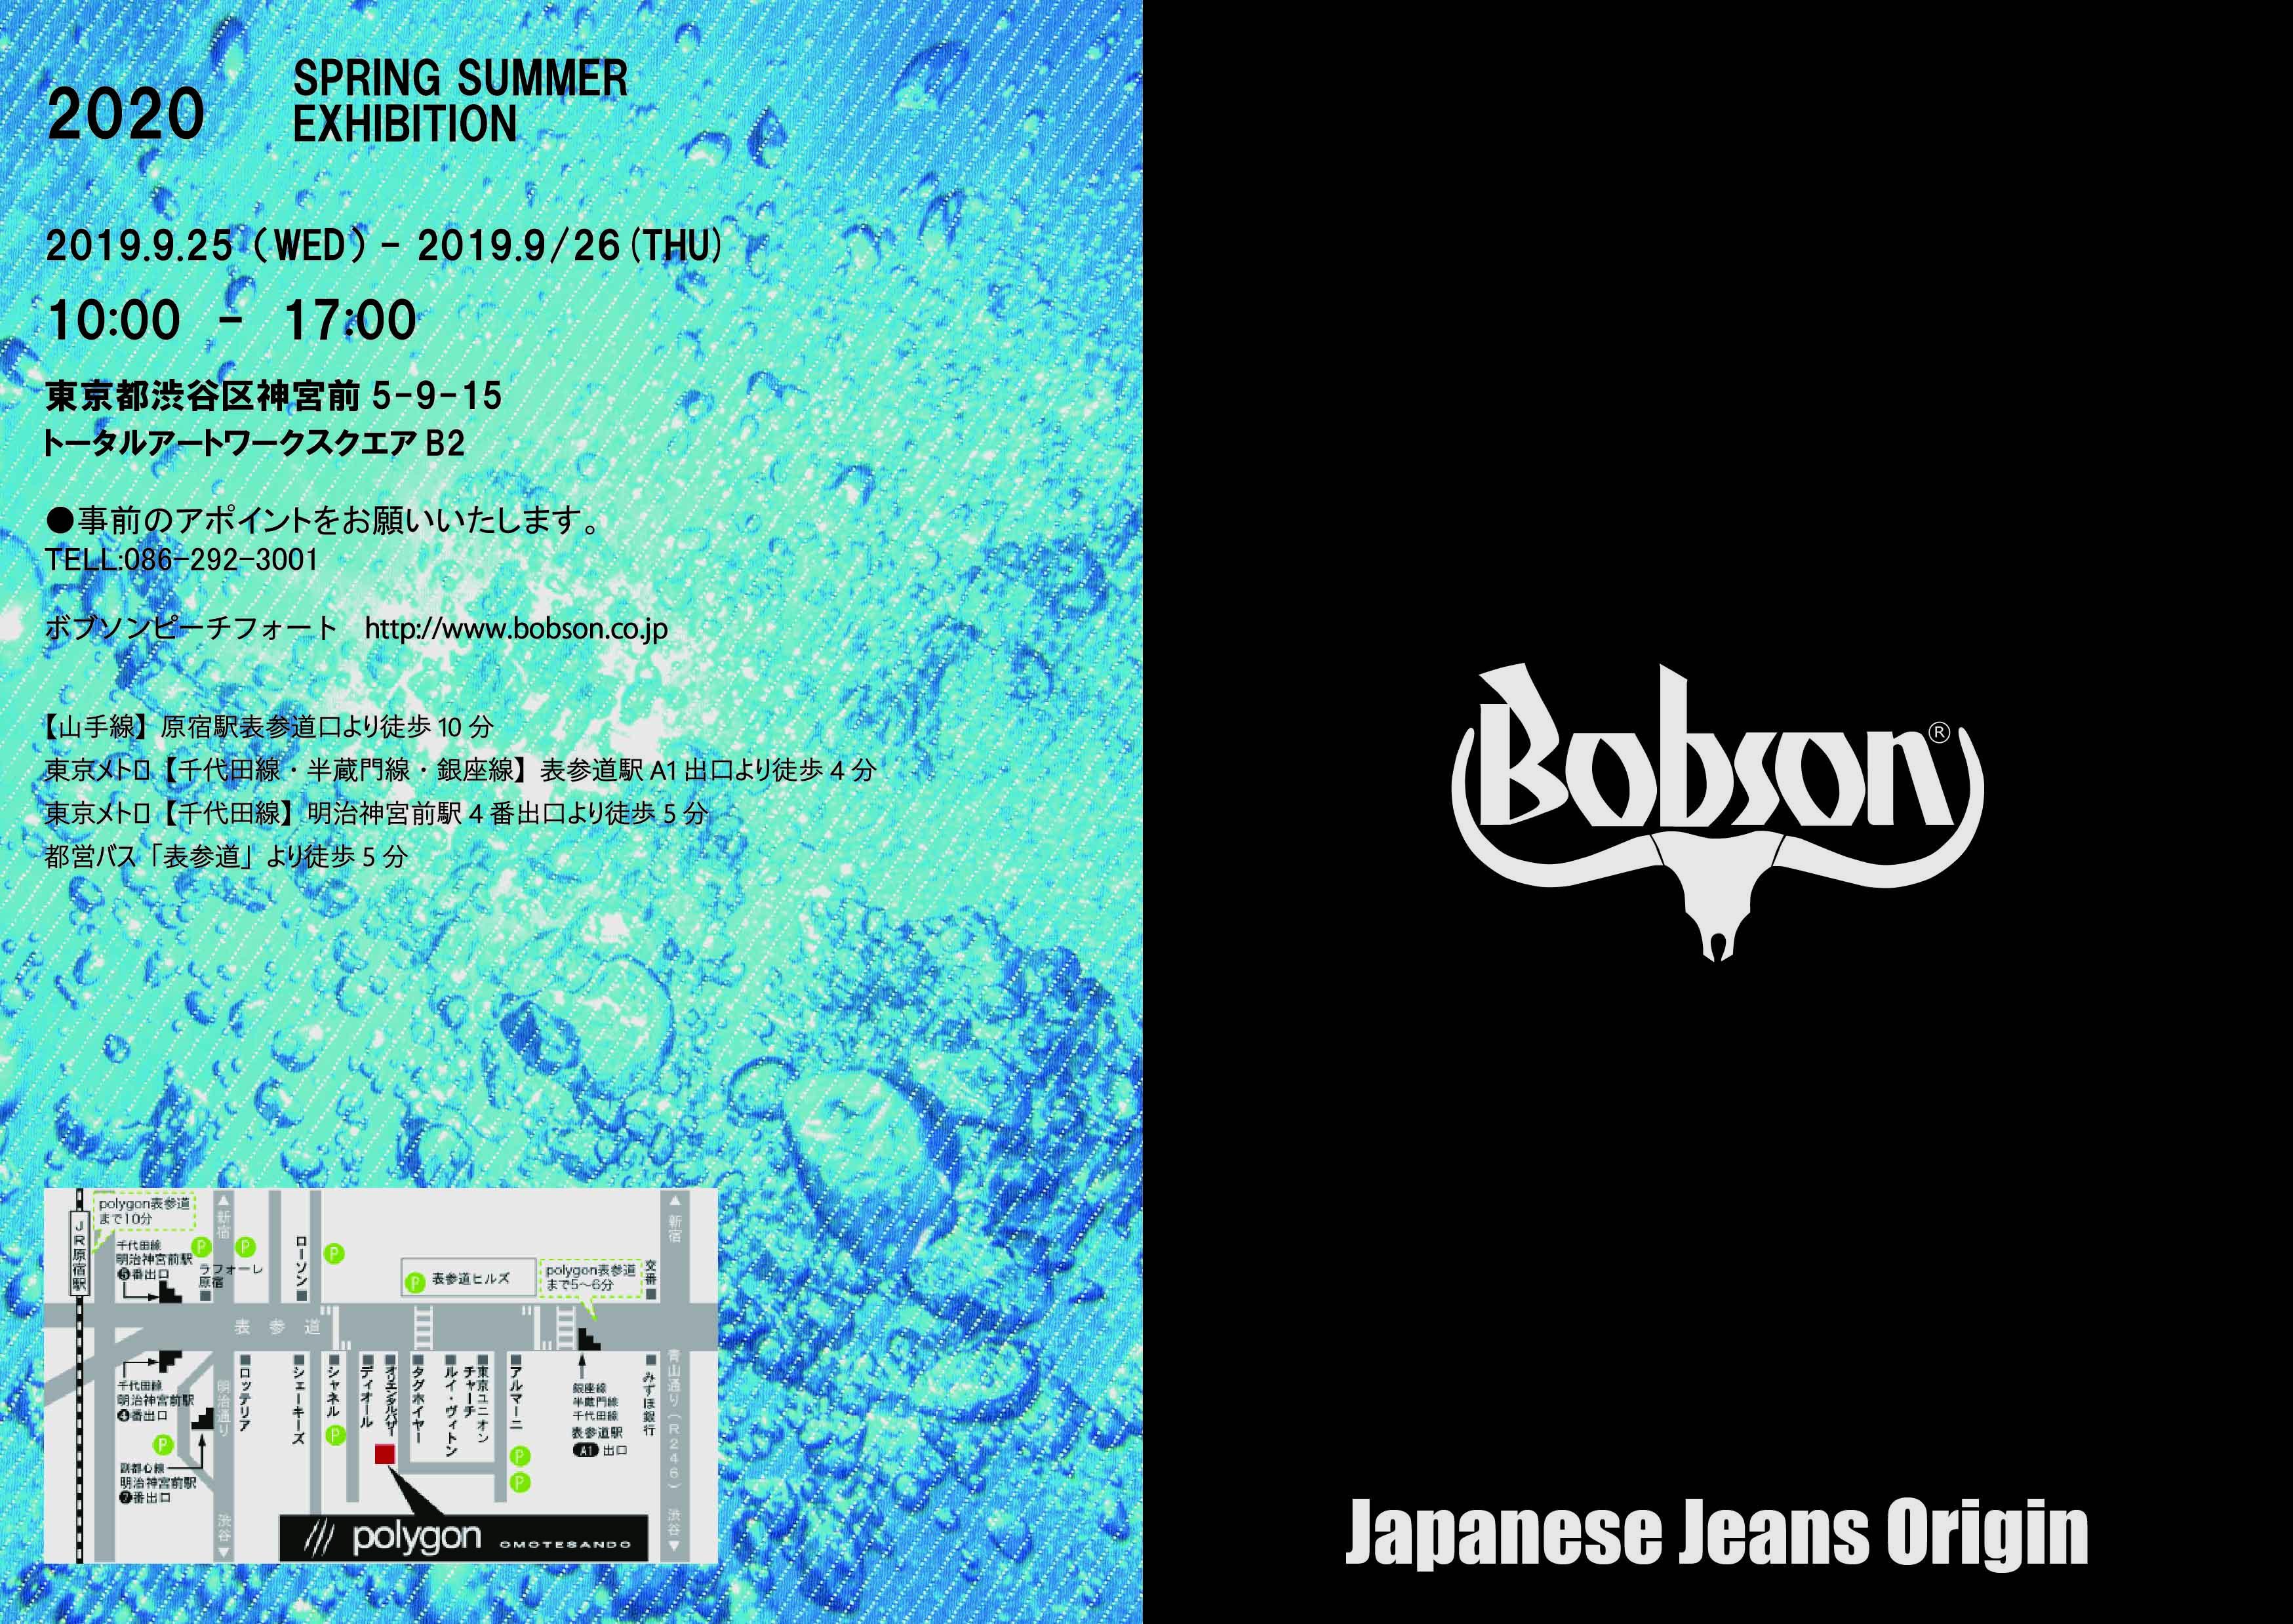 【ボブソン2020/SS展示会】